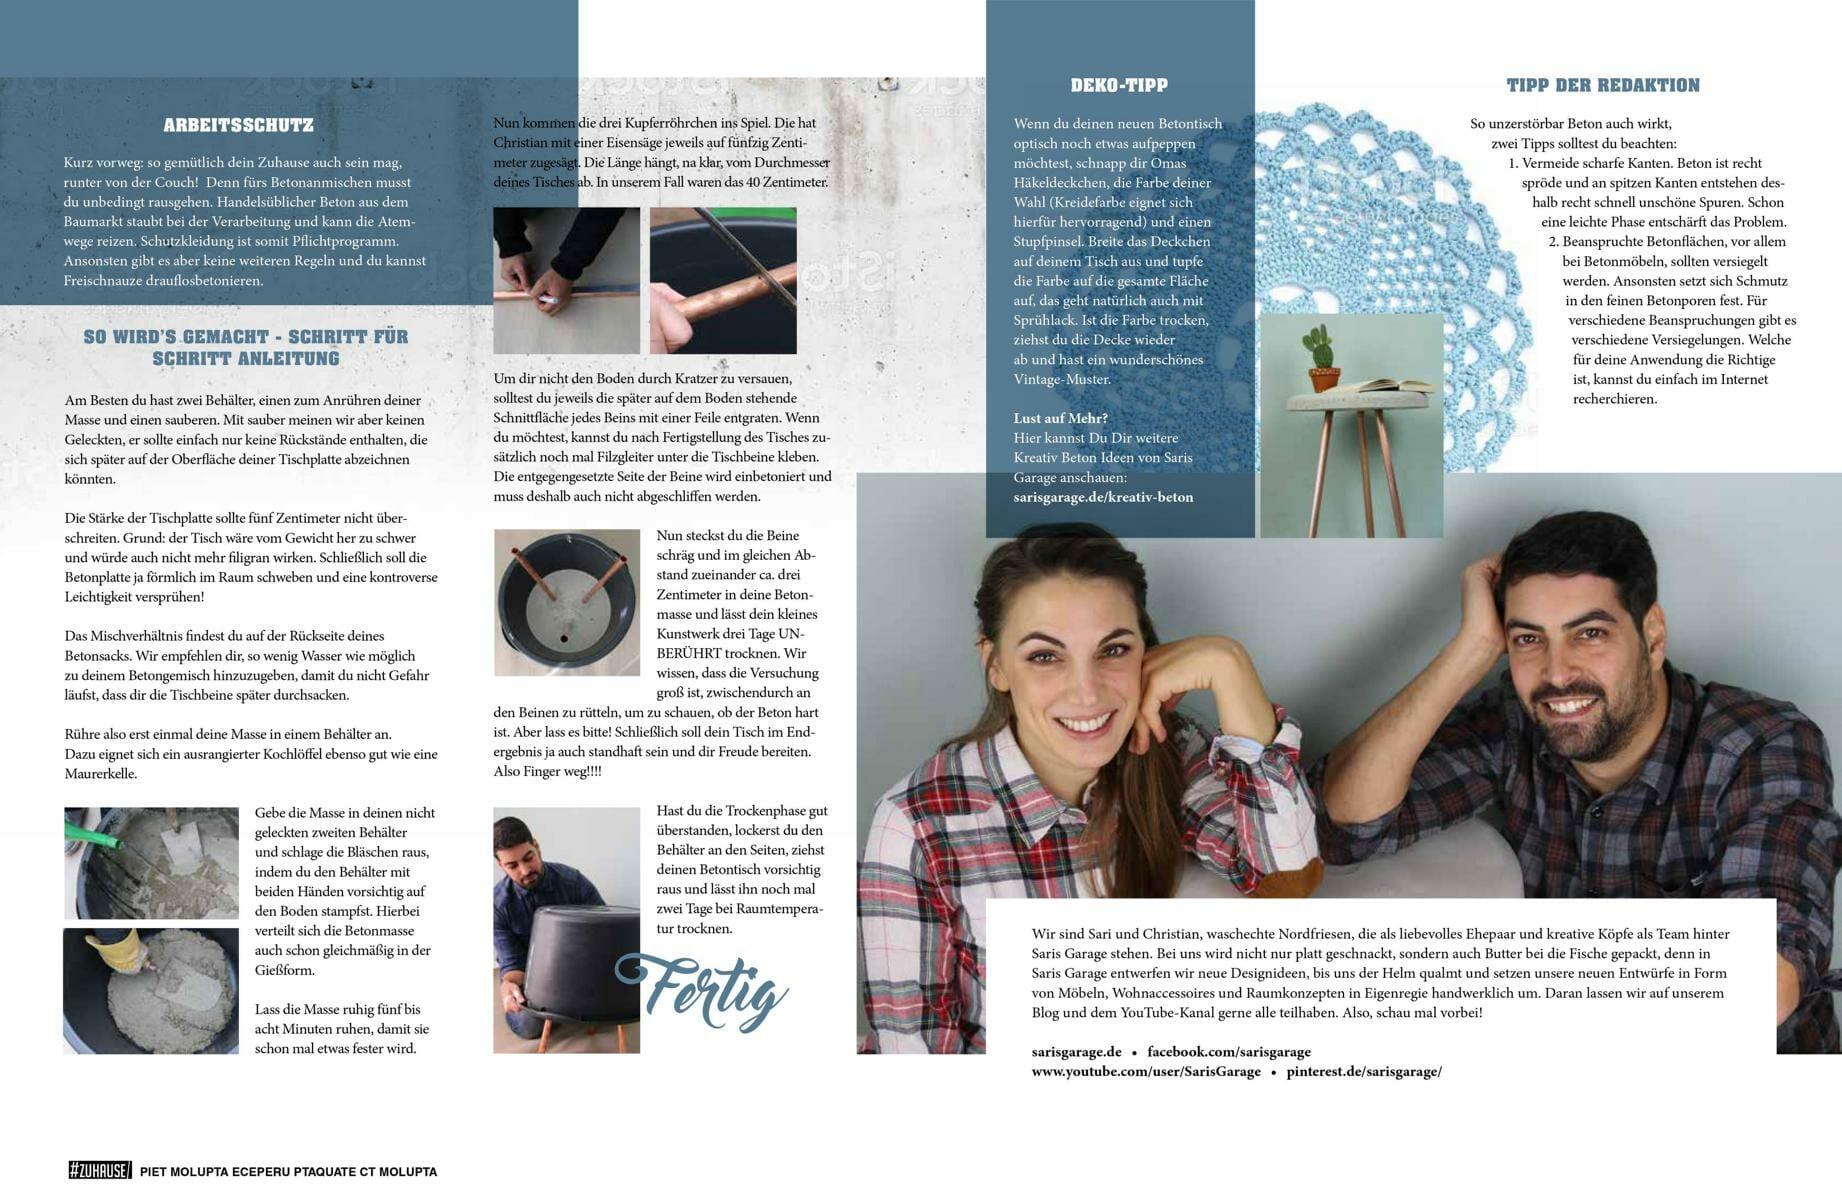 Magazin-Zeitungs -Presse Artikel Saris Garage